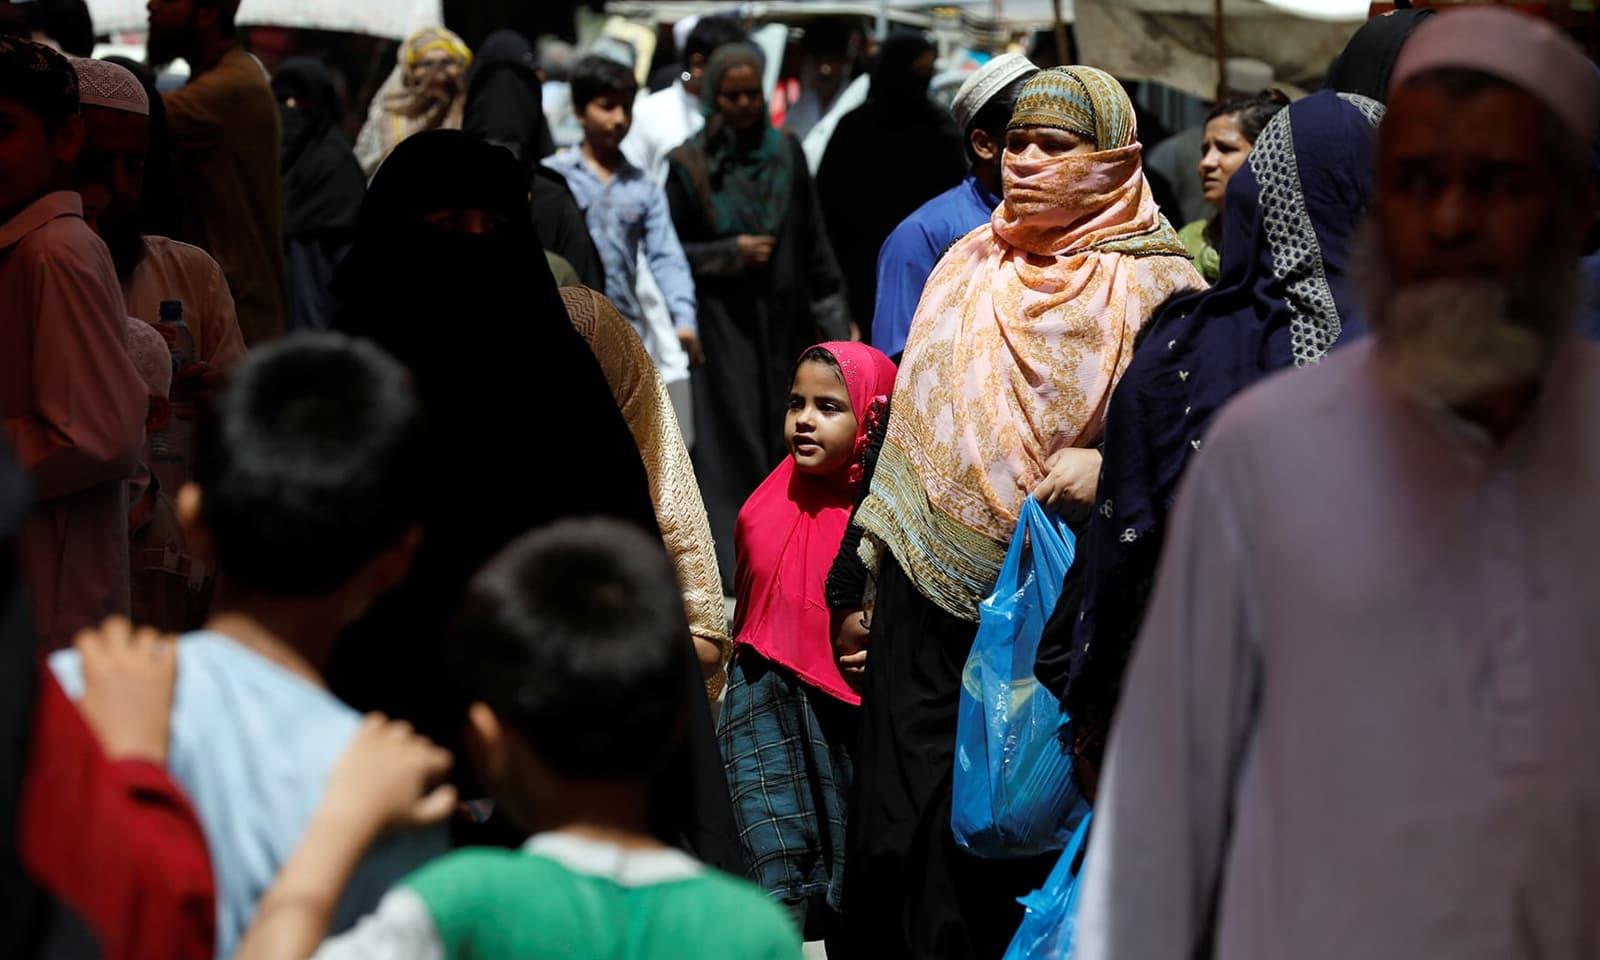 کراچی میں خواتین و بچوں کی بڑی تعداد ماسک کے بغیر بازاروں میں گھومتی نظر آئی— فوٹو: اے ایف پی